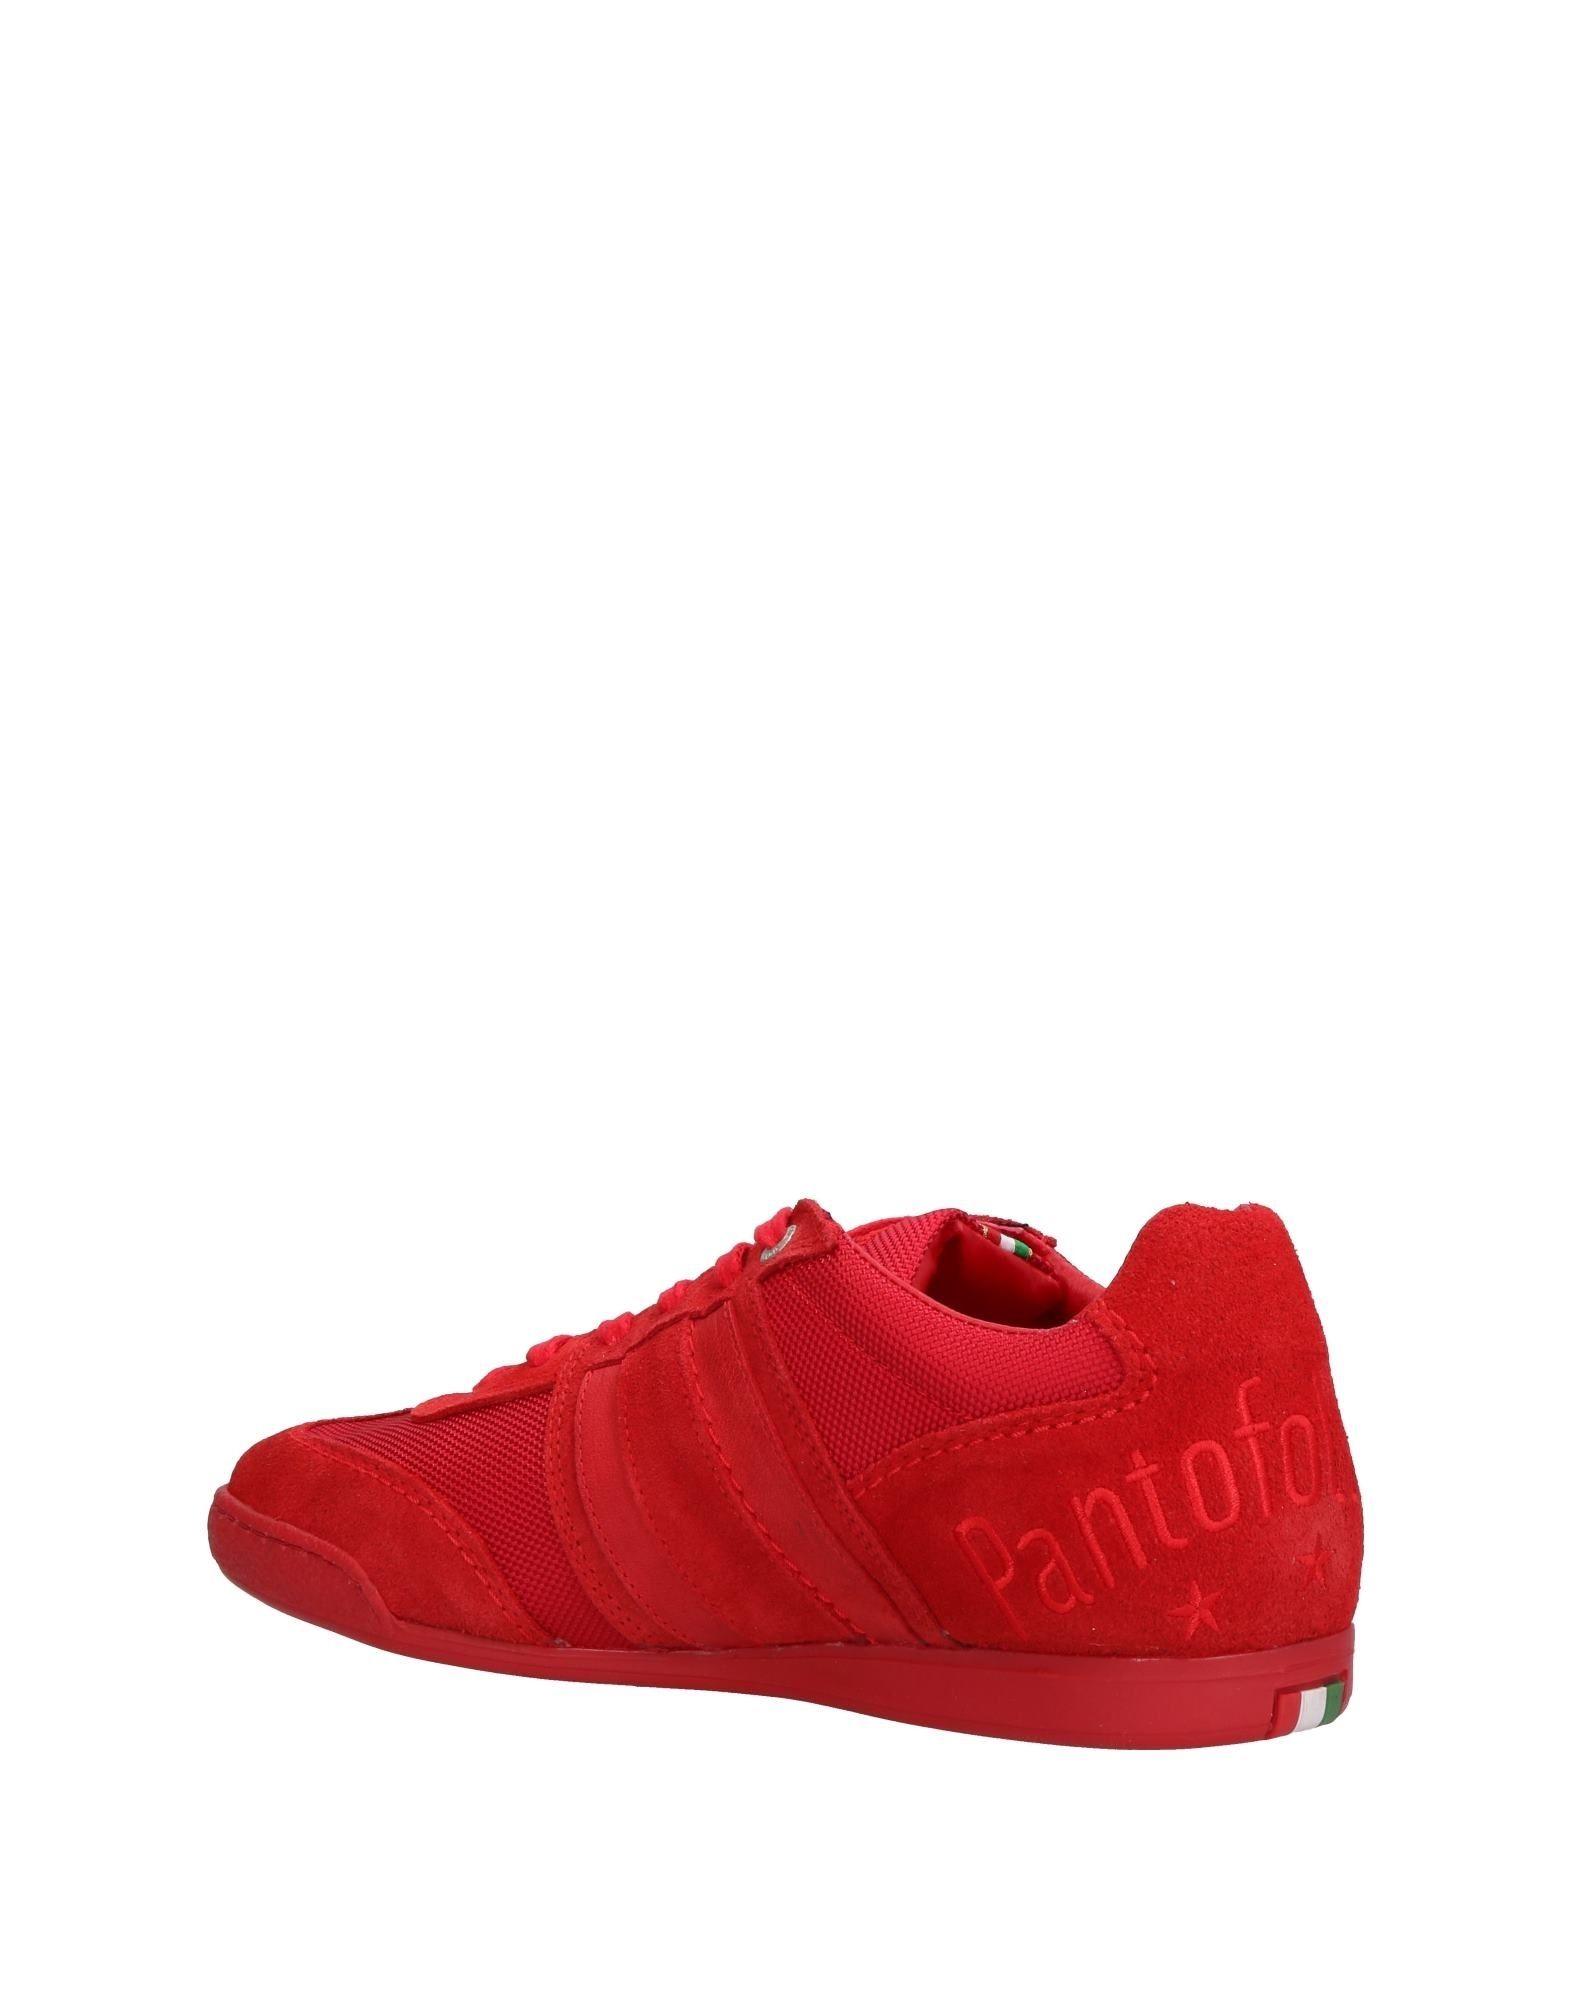 Rabatt echte Schuhe Pantofola D'oro Sneakers Herren  11338997RP